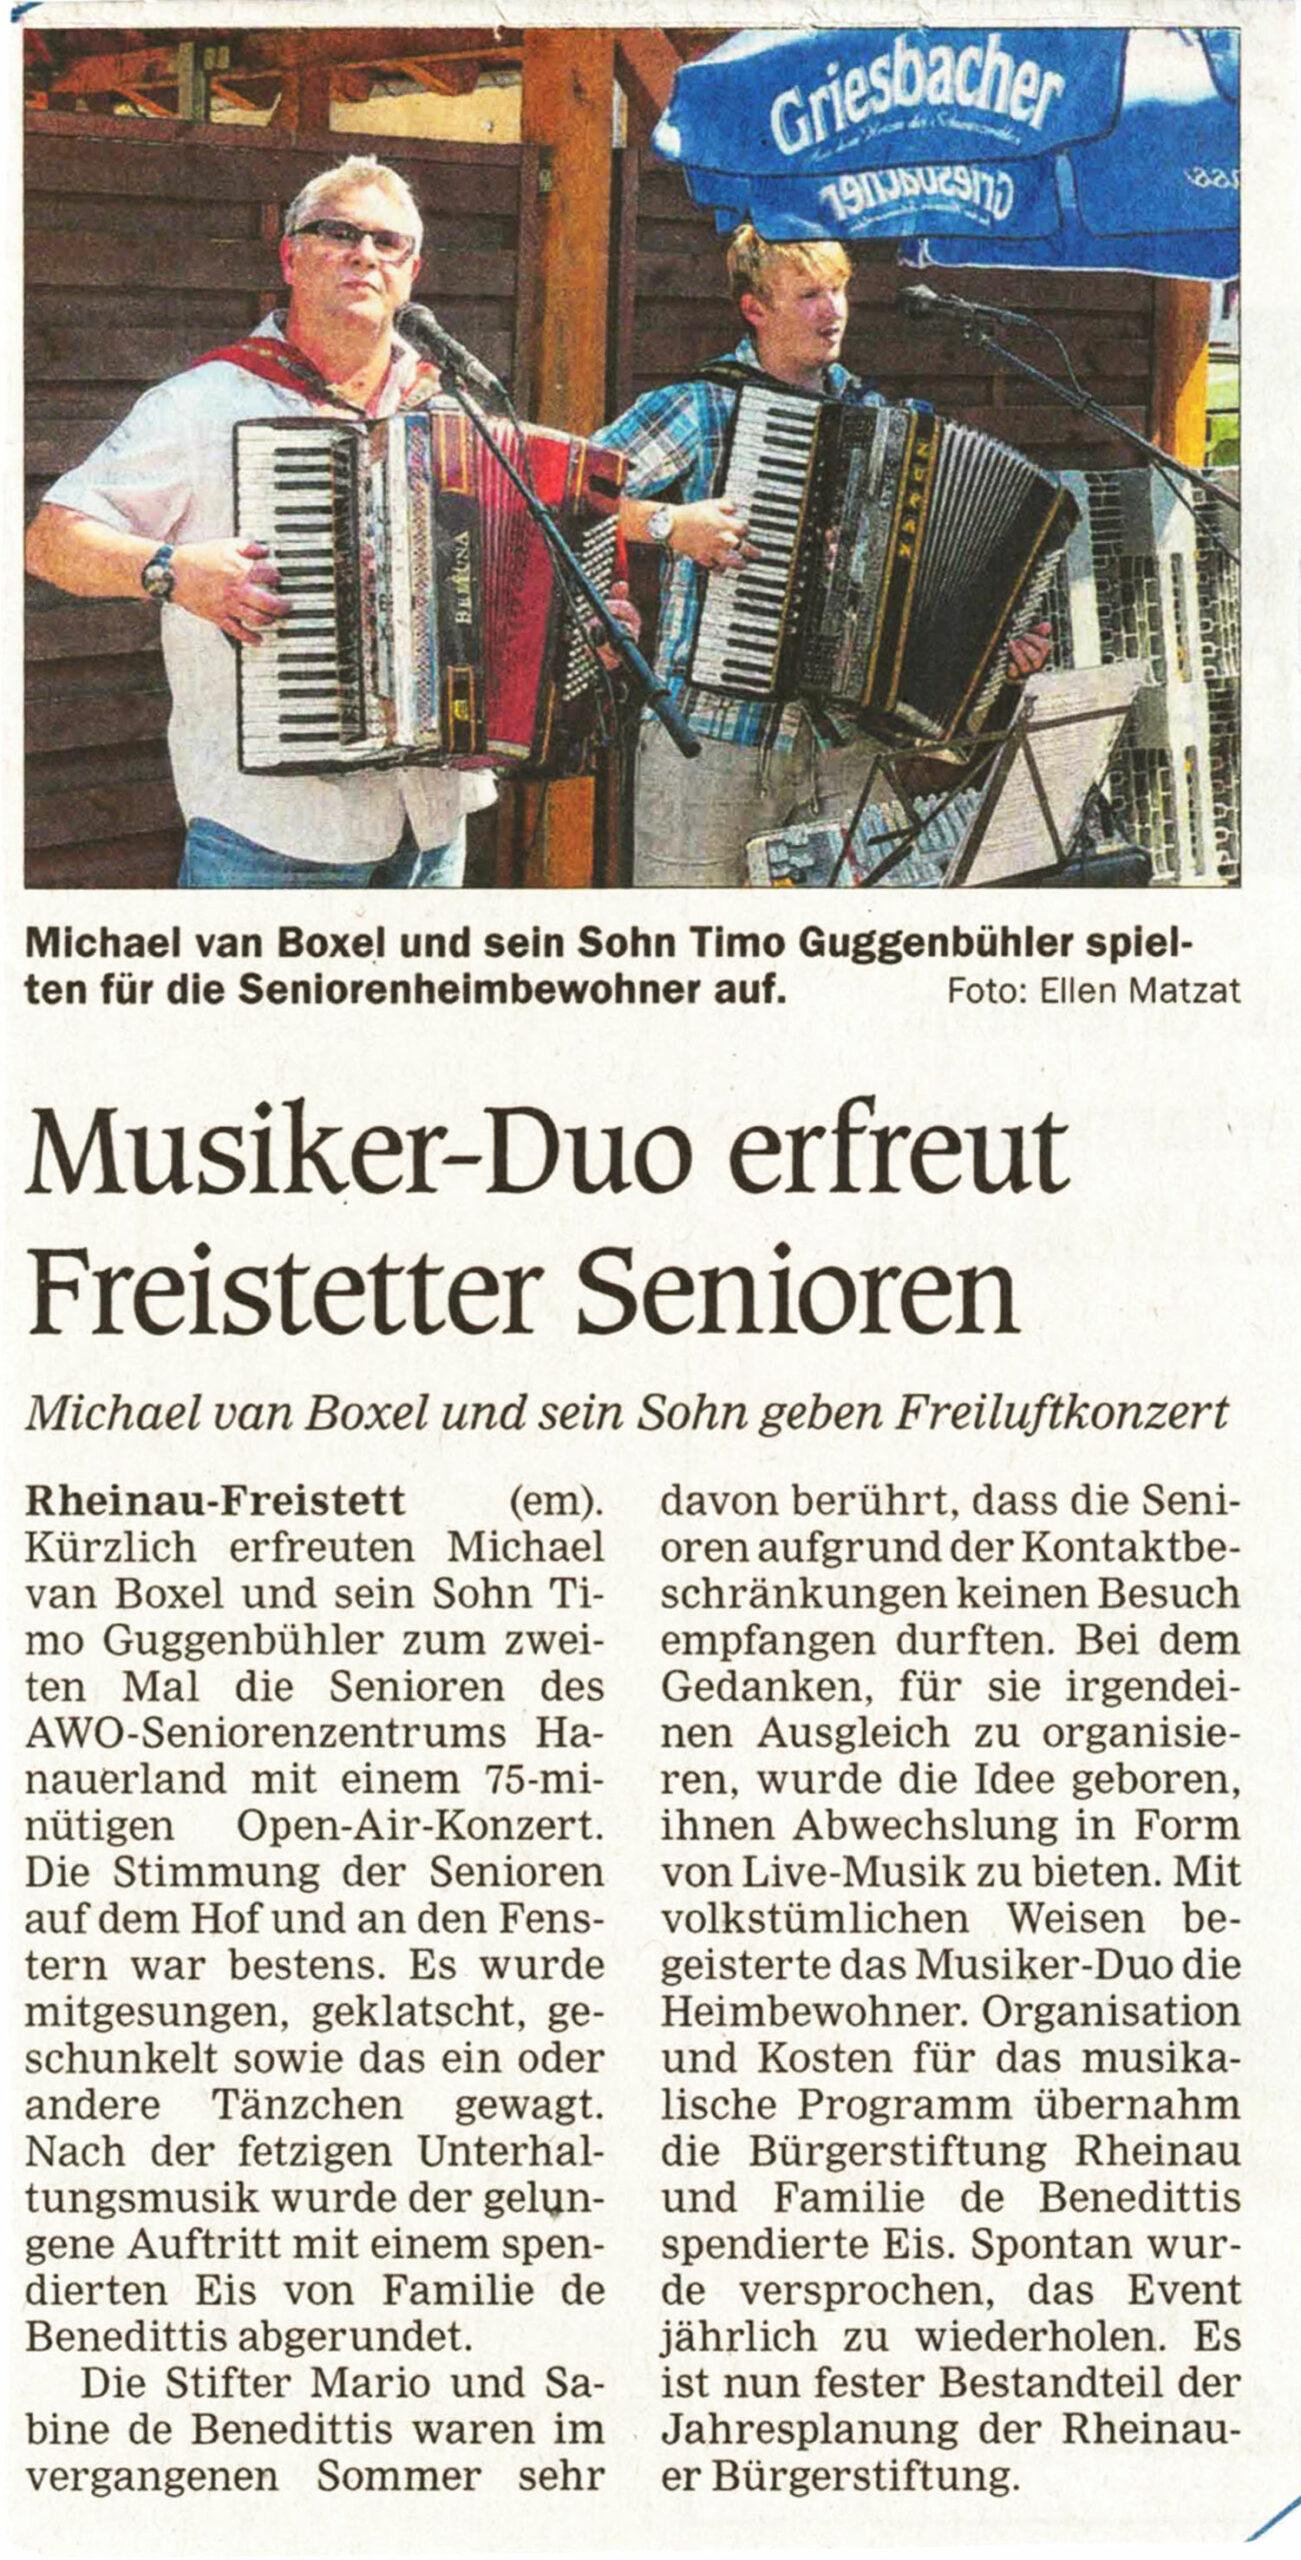 Konzert im Freistetter Seniorenzentrum